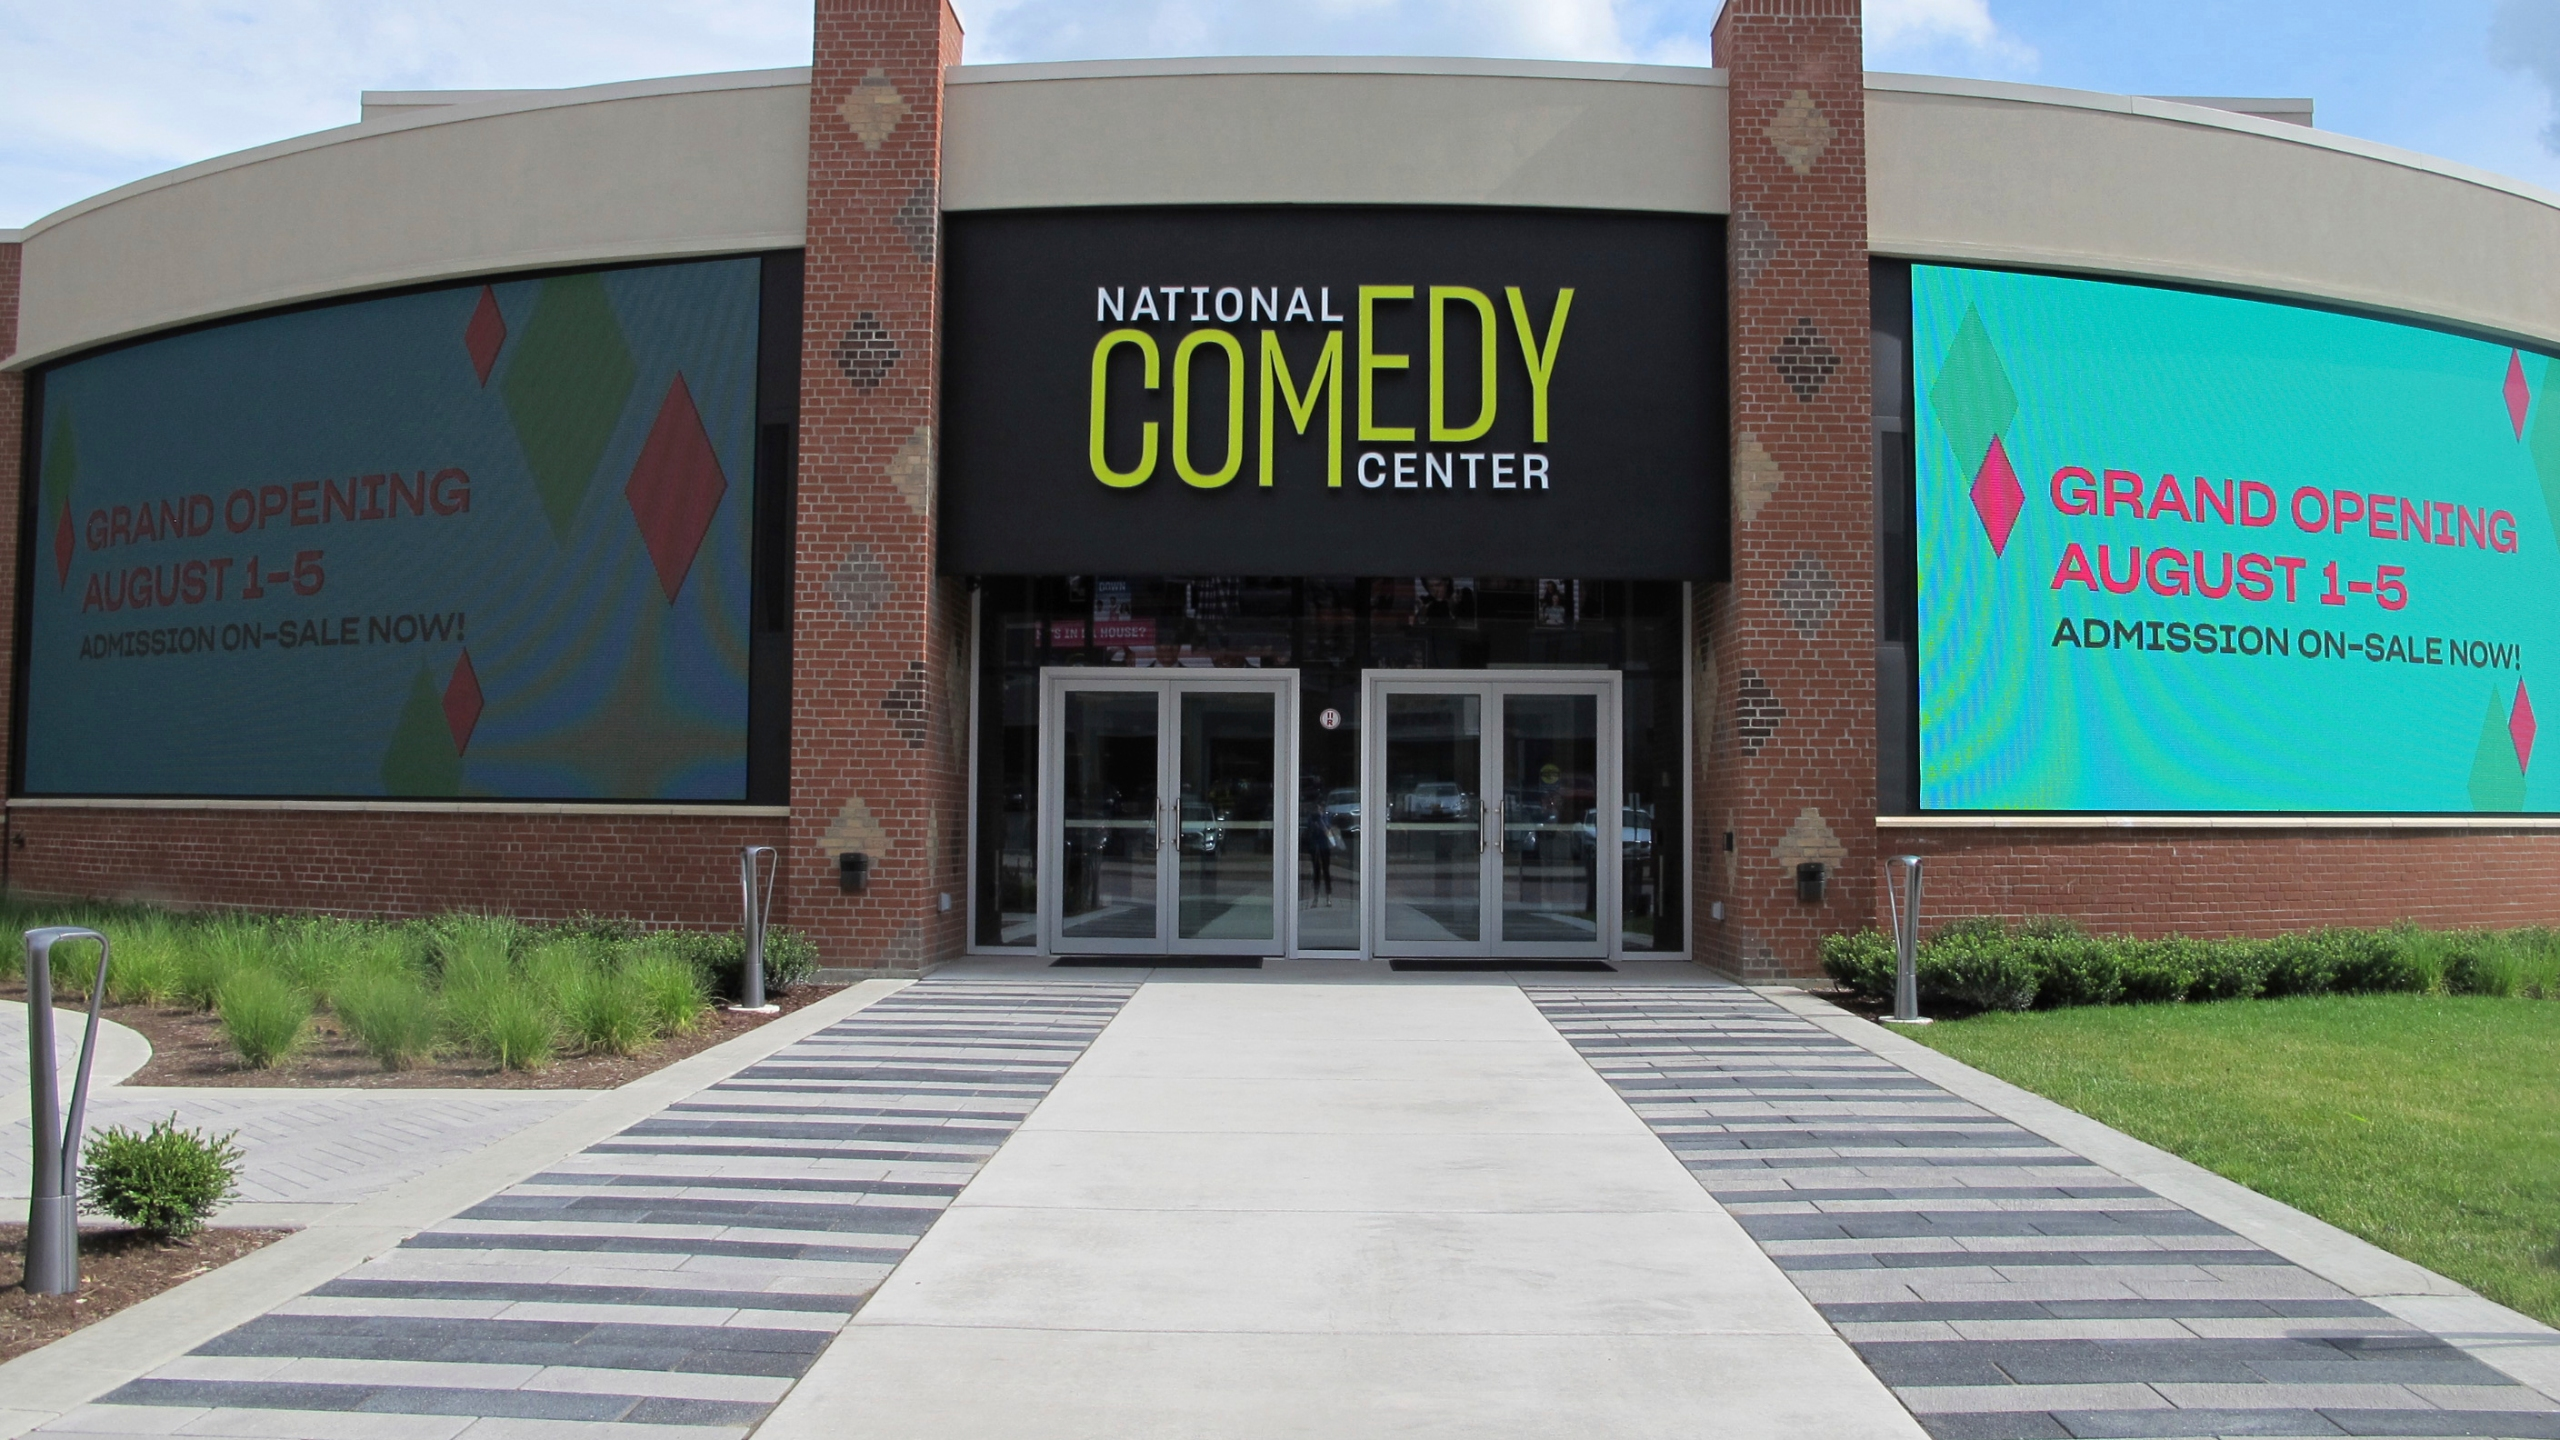 National Comedy Center_1533197264704